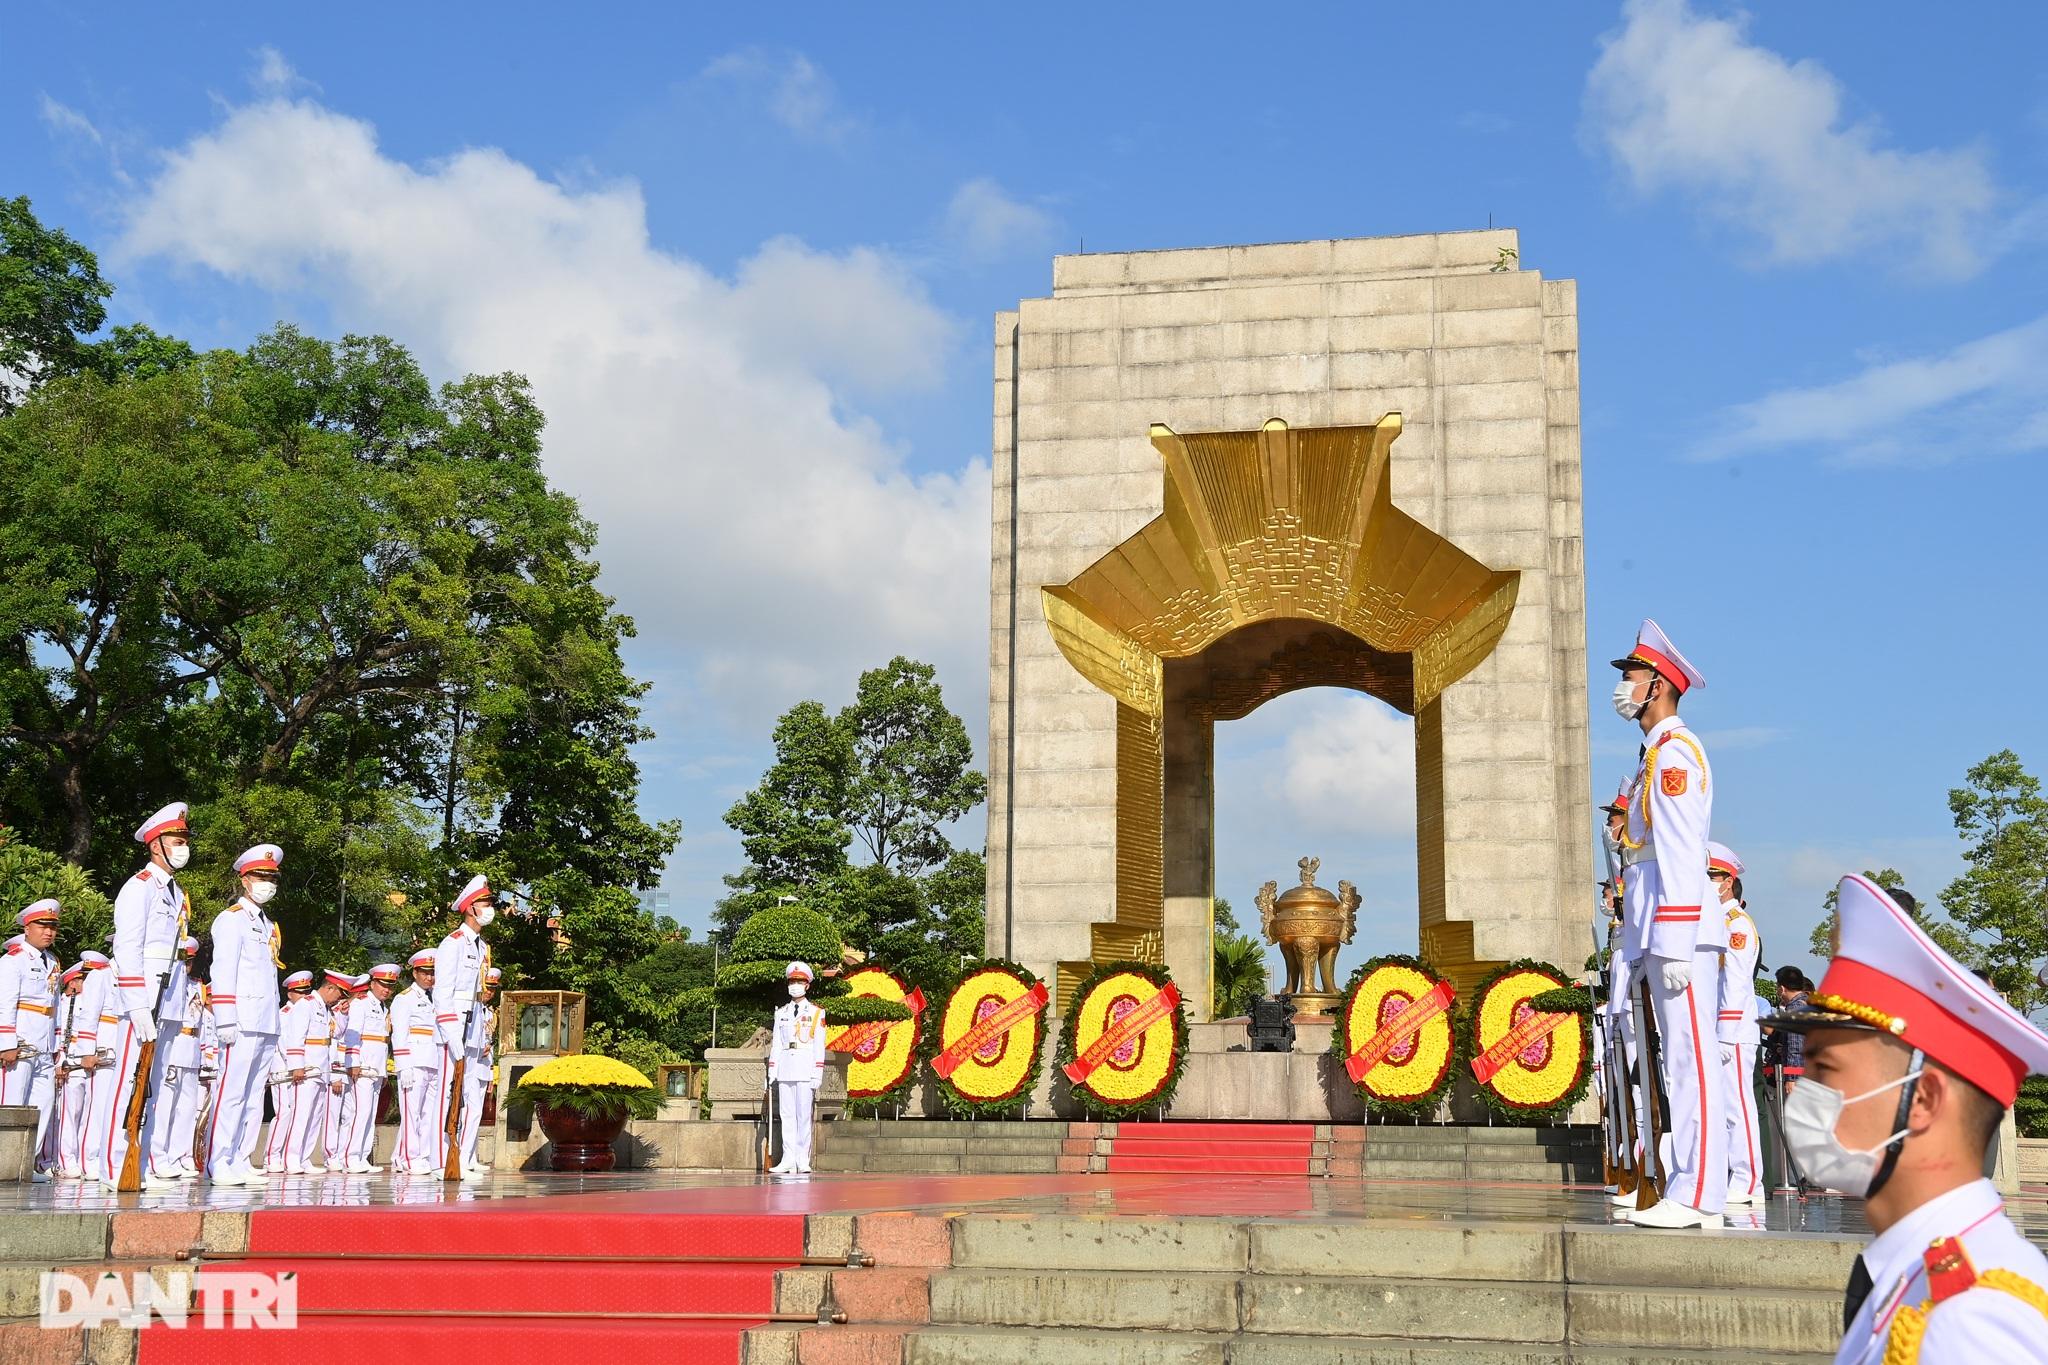 Lãnh đạo Đảng, Nhà nước đặt vòng hoa, tưởng niệm các Anh hùng liệt sĩ - 1